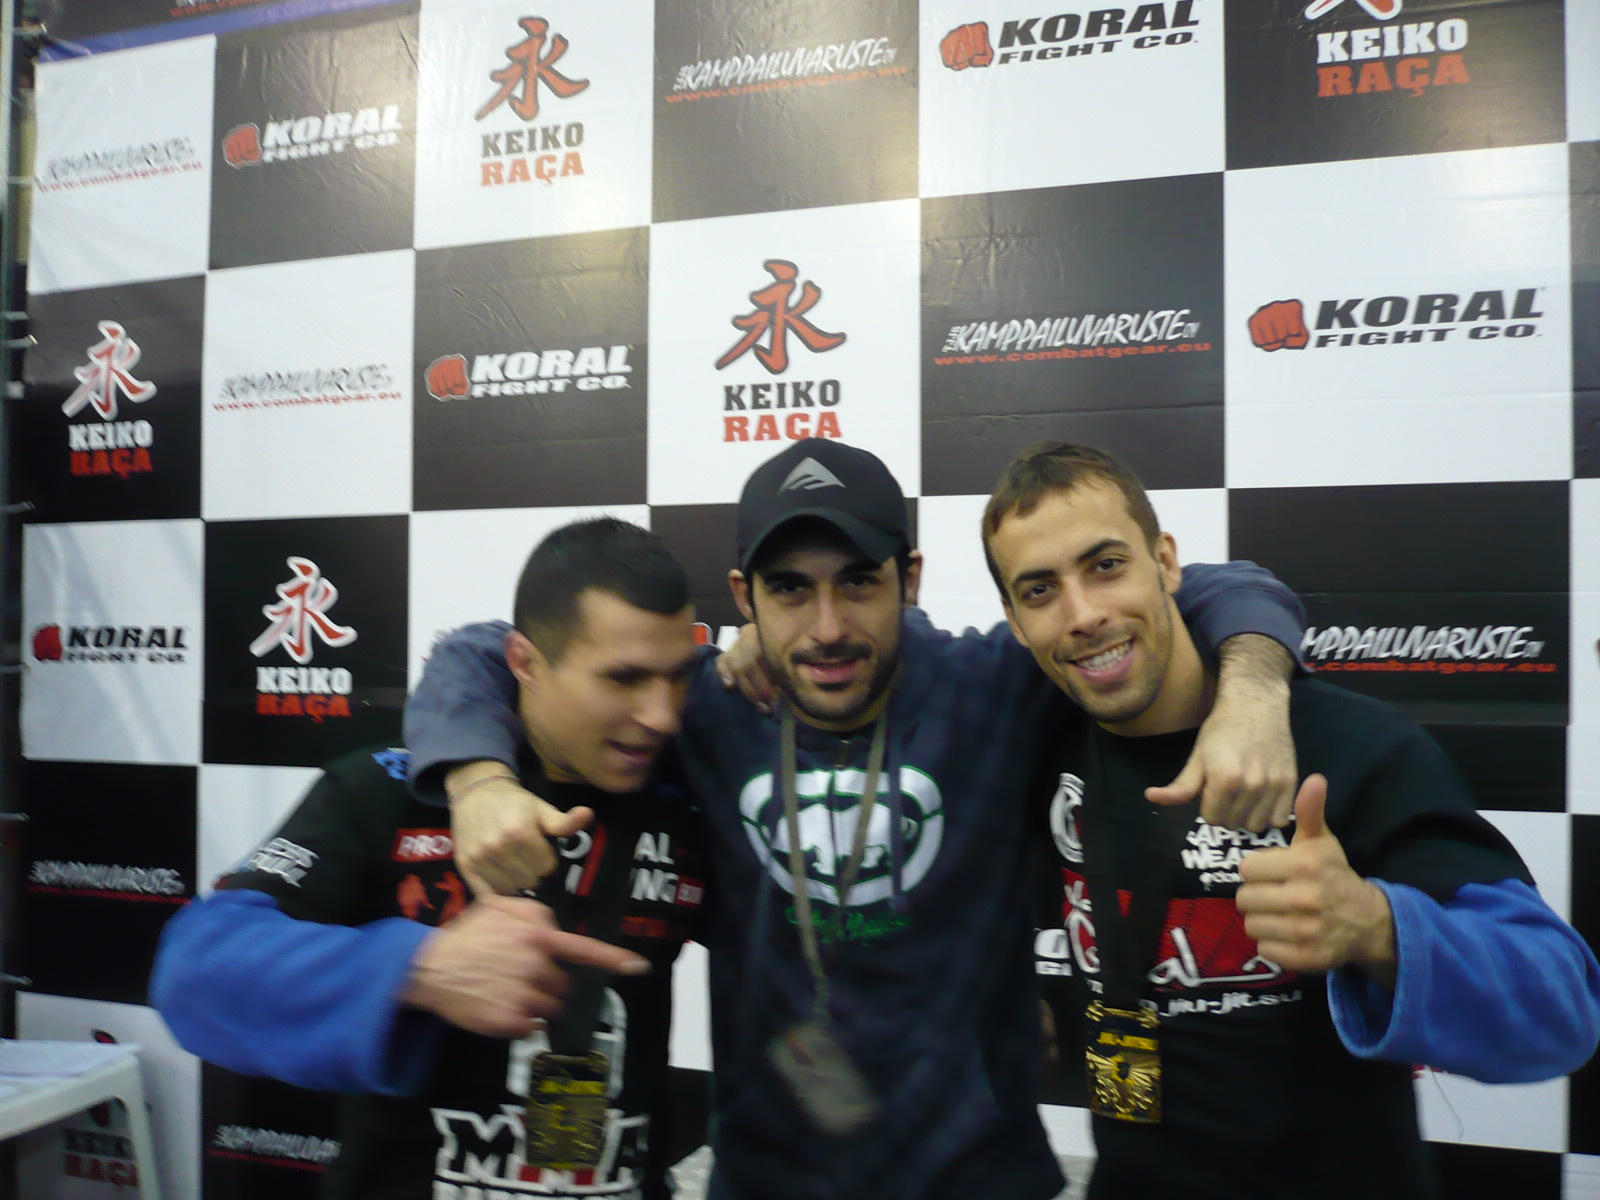 David Aranda, Raul Poza 'El ninja' y Sergio Calderón